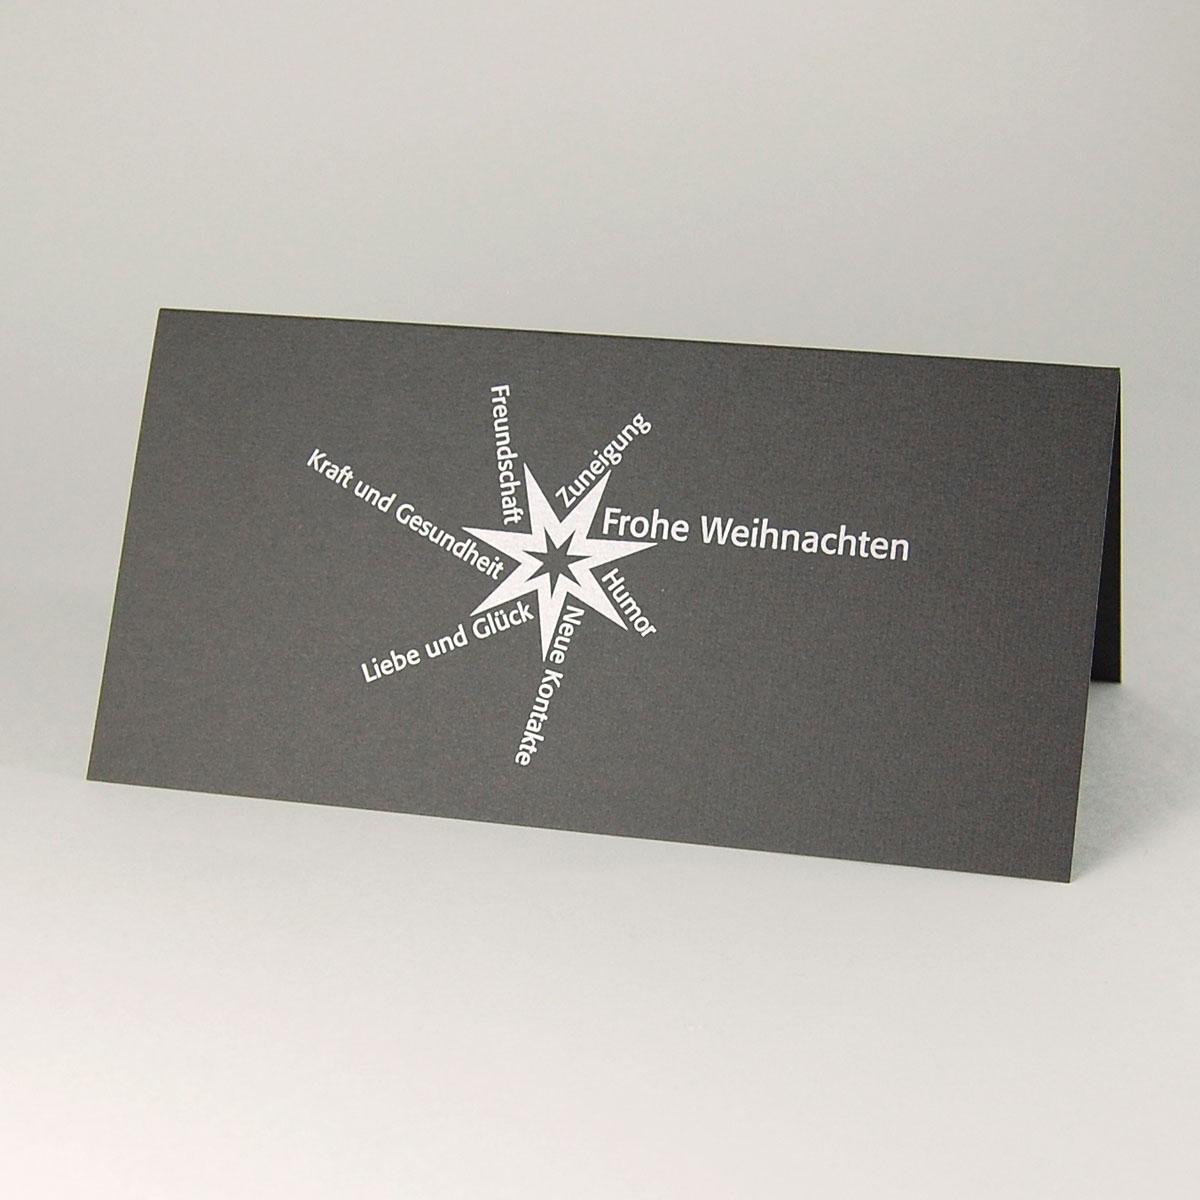 Edle Weihnachtskarten.Edle Weihnachtskarten Fur Unternehmen Grusse Und Wunsche